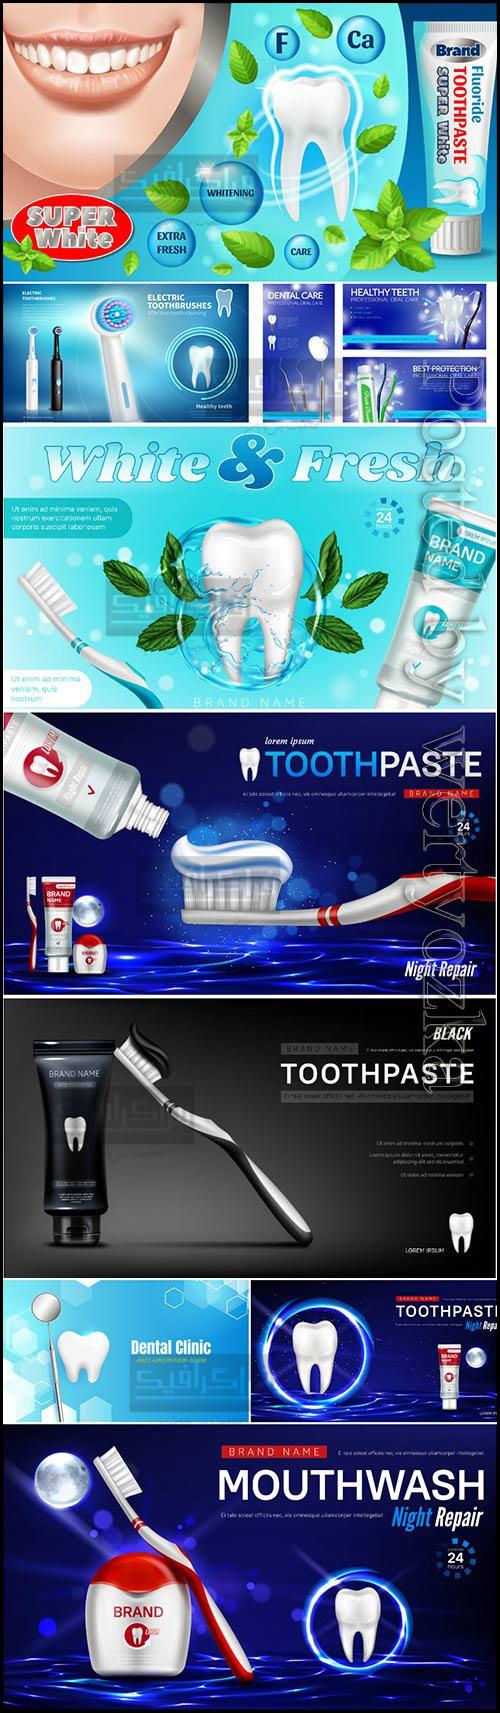 دانلود وکتور های تبلیغاتی خمیر دندان و مسواک